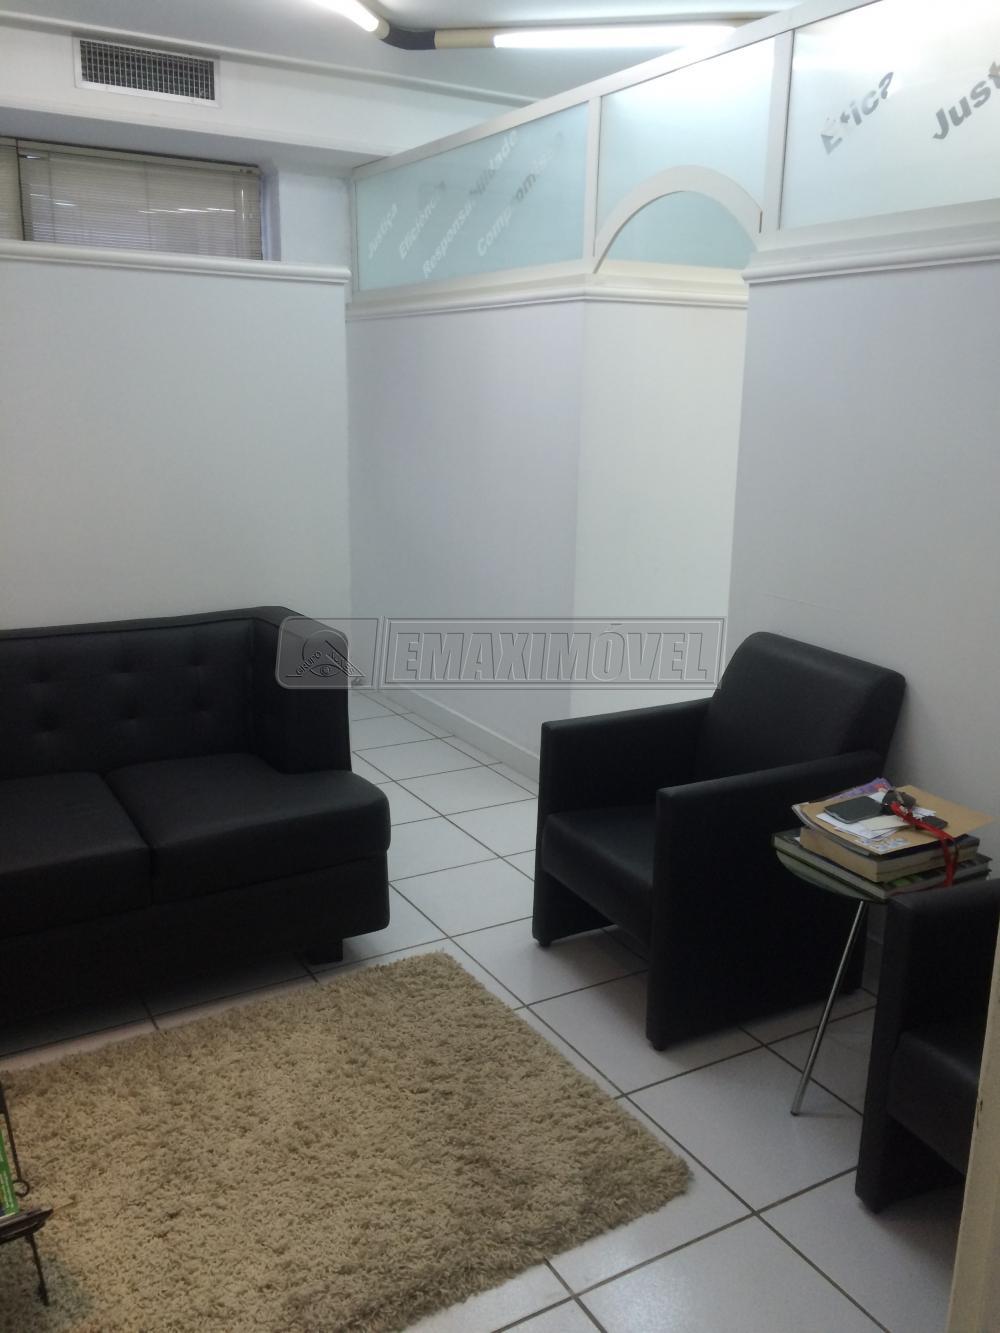 Alugar Comercial / Prédios em Sorocaba apenas R$ 500,00 - Foto 1